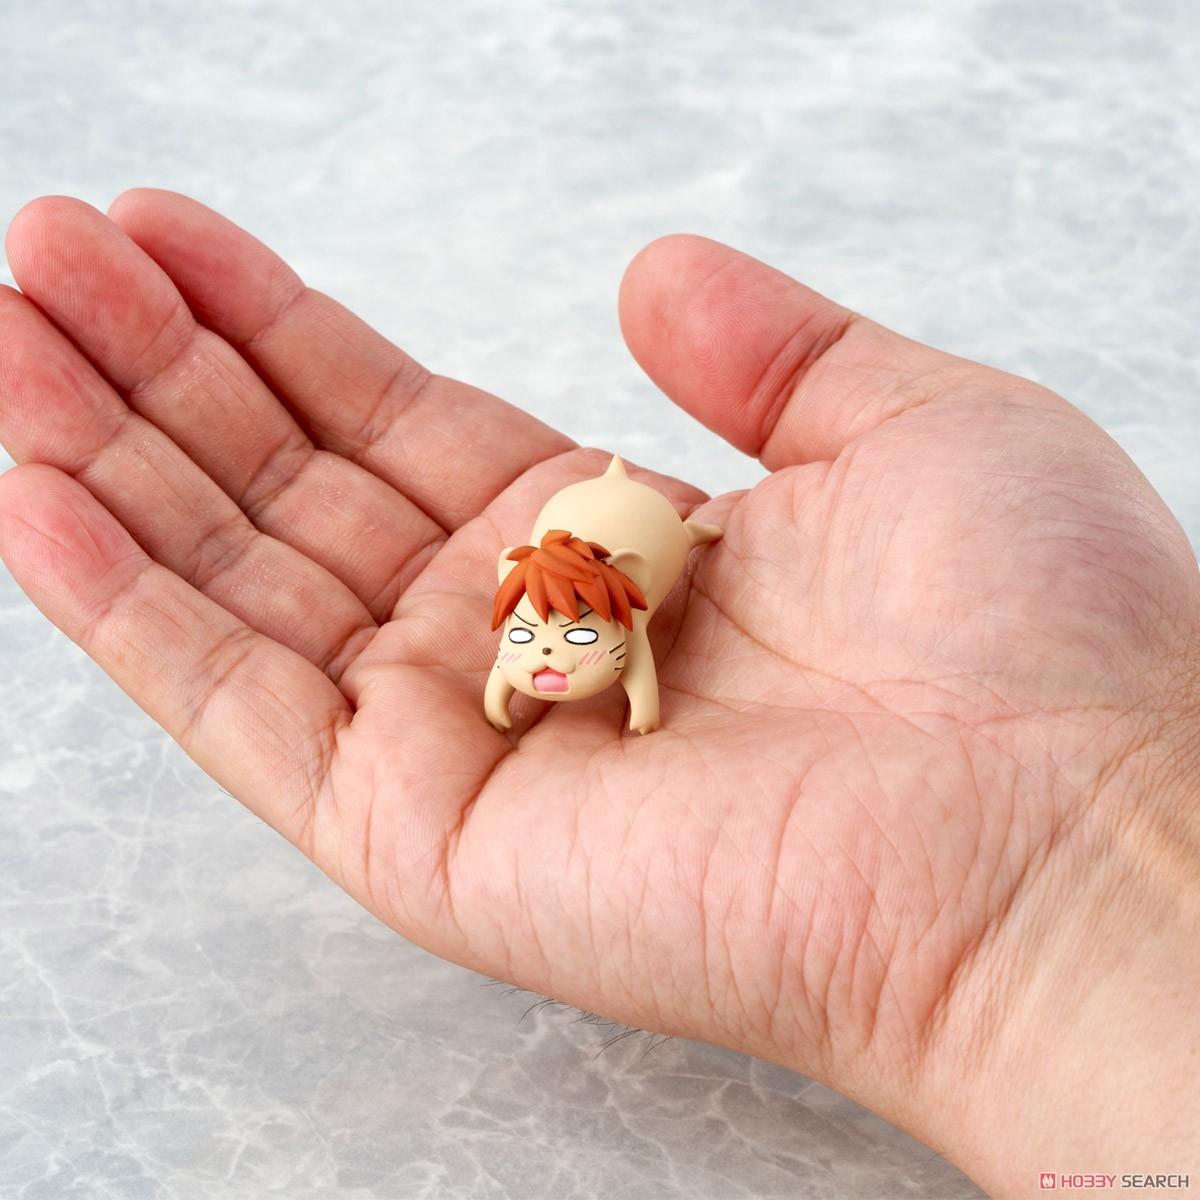 To LOVEる-とらぶる- ダークネス『ナナ・アスタ・デビルーク ダークネスver.』1/6 完成品フィギュア-026